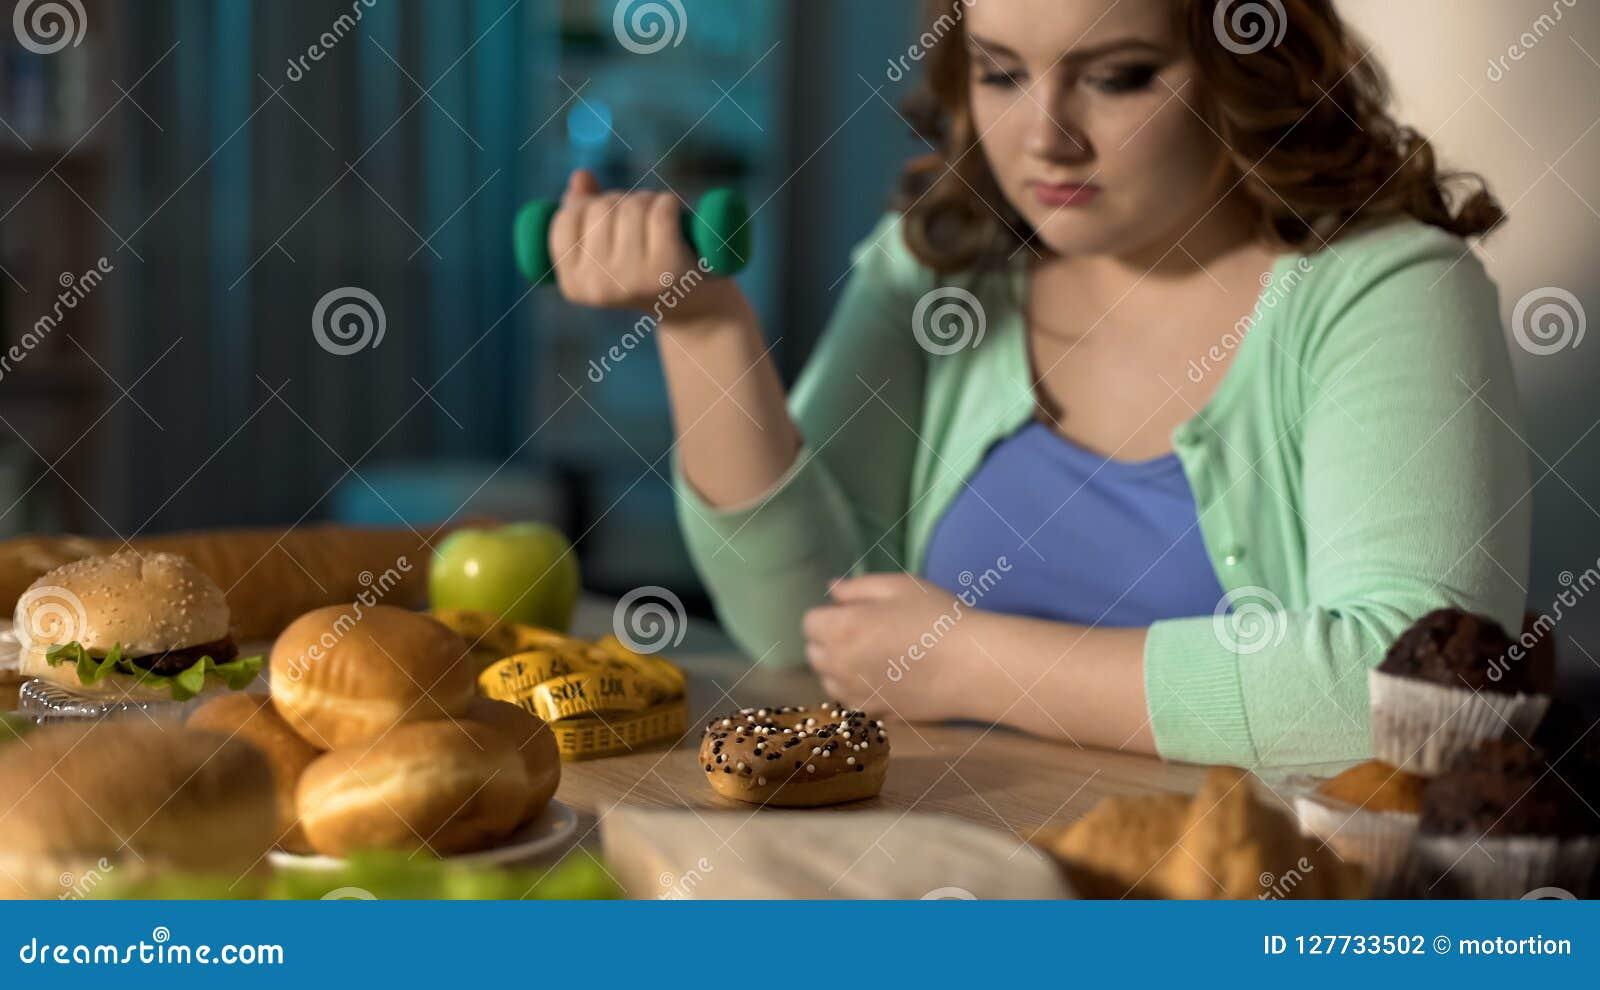 Senhora excesso de peso que exercita e que olha tristemente a comida lixo, problema da obesidade